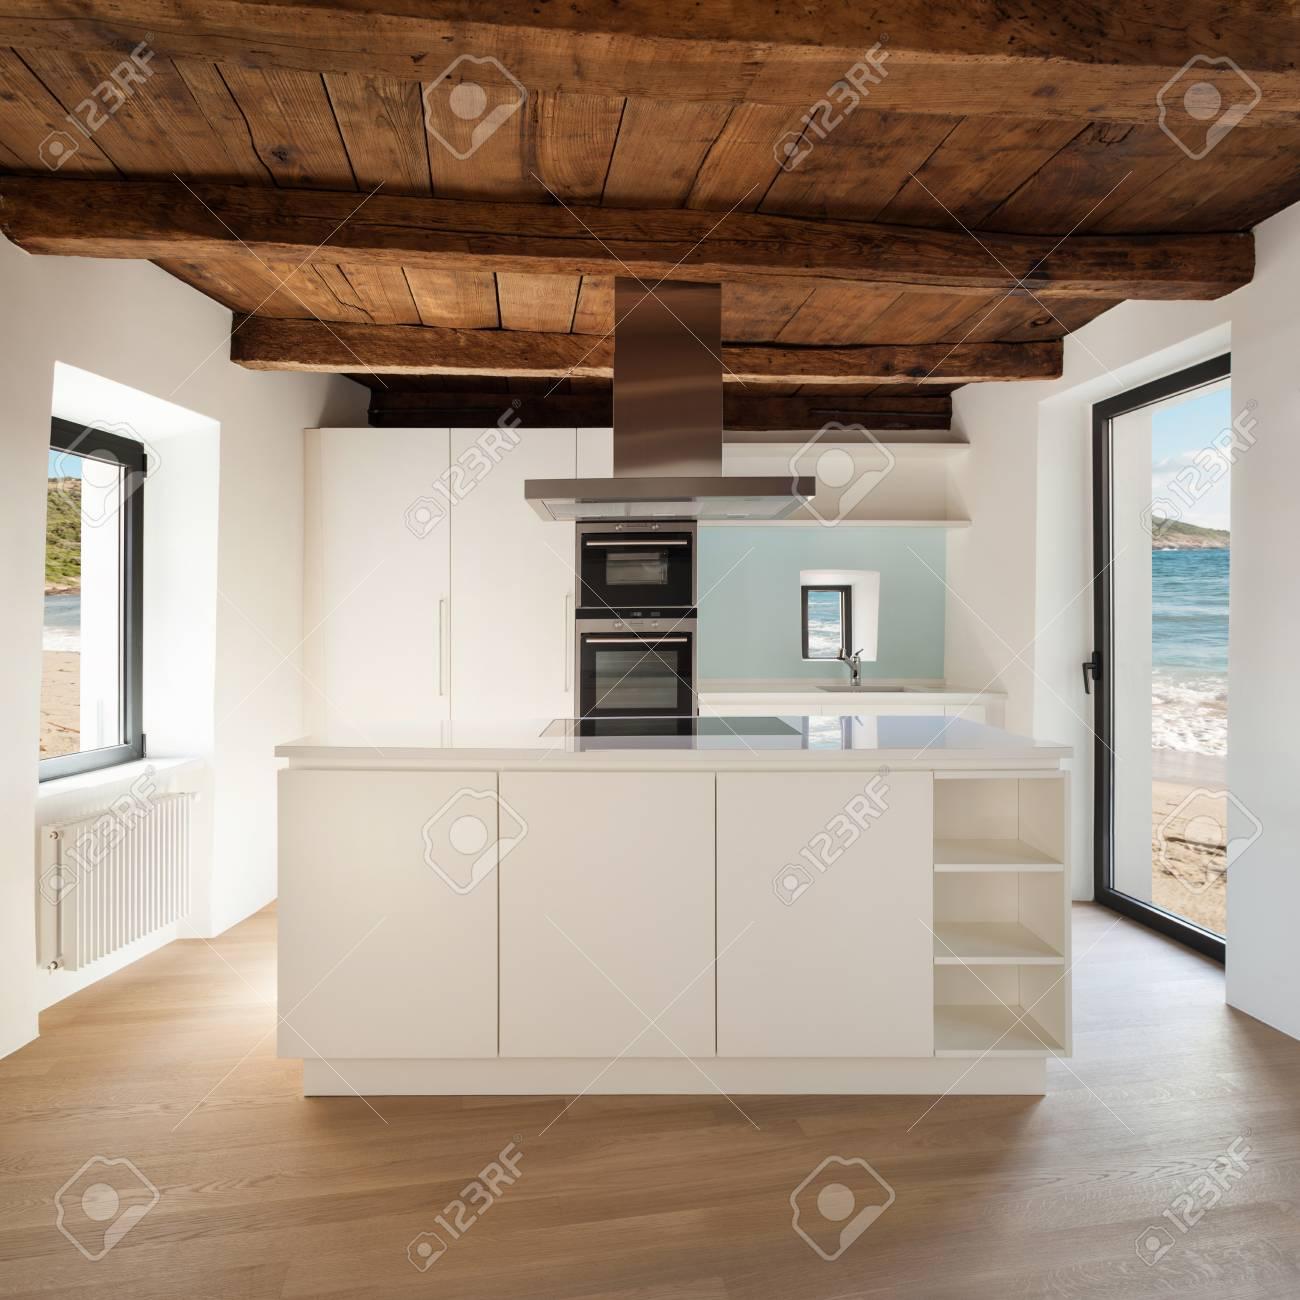 Precioso loft, ver la cocina doméstica, muebles modernos